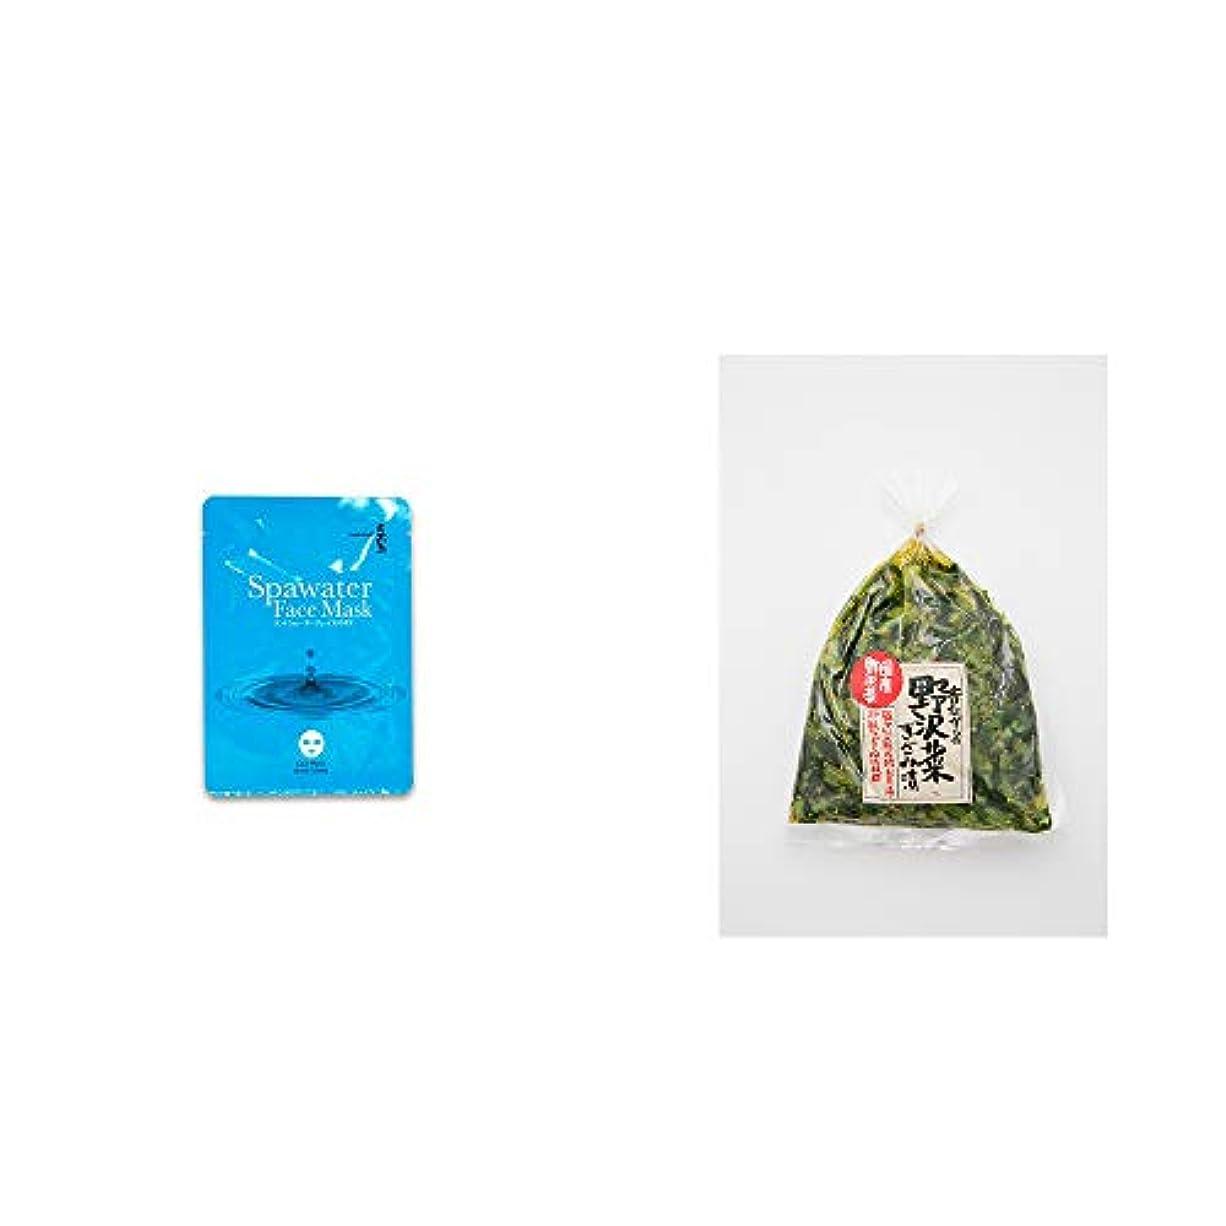 [2点セット] ひのき炭黒泉 スパウォーターフェイスマスク(18ml×3枚入)?国産 昔ながらの野沢菜きざみ漬け(150g)